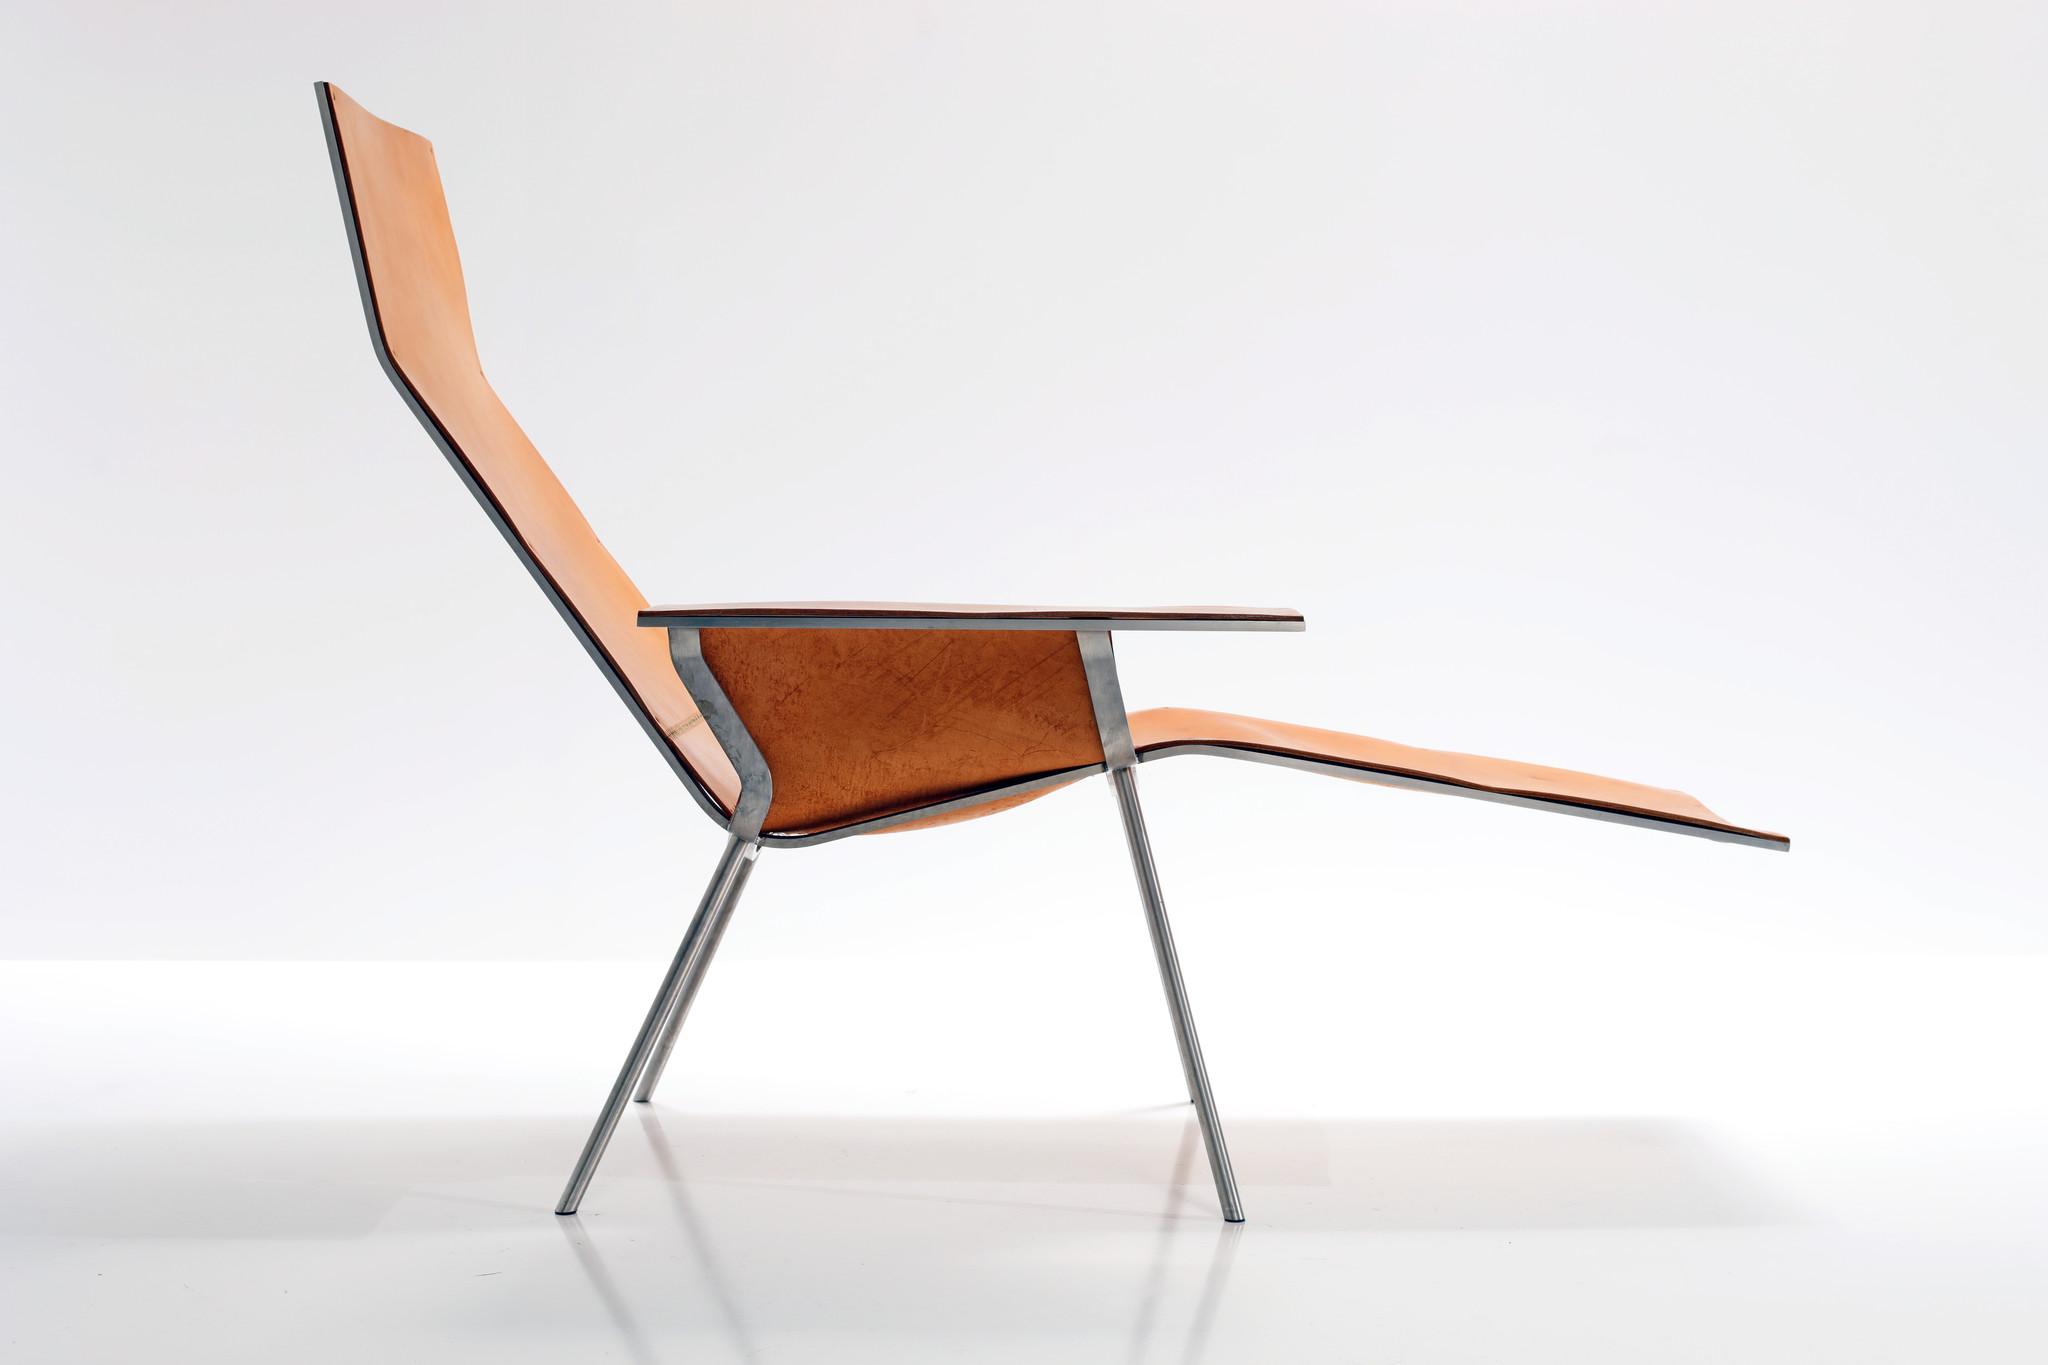 Maarten Van Severen Lounge chair for Pastoe, 2004